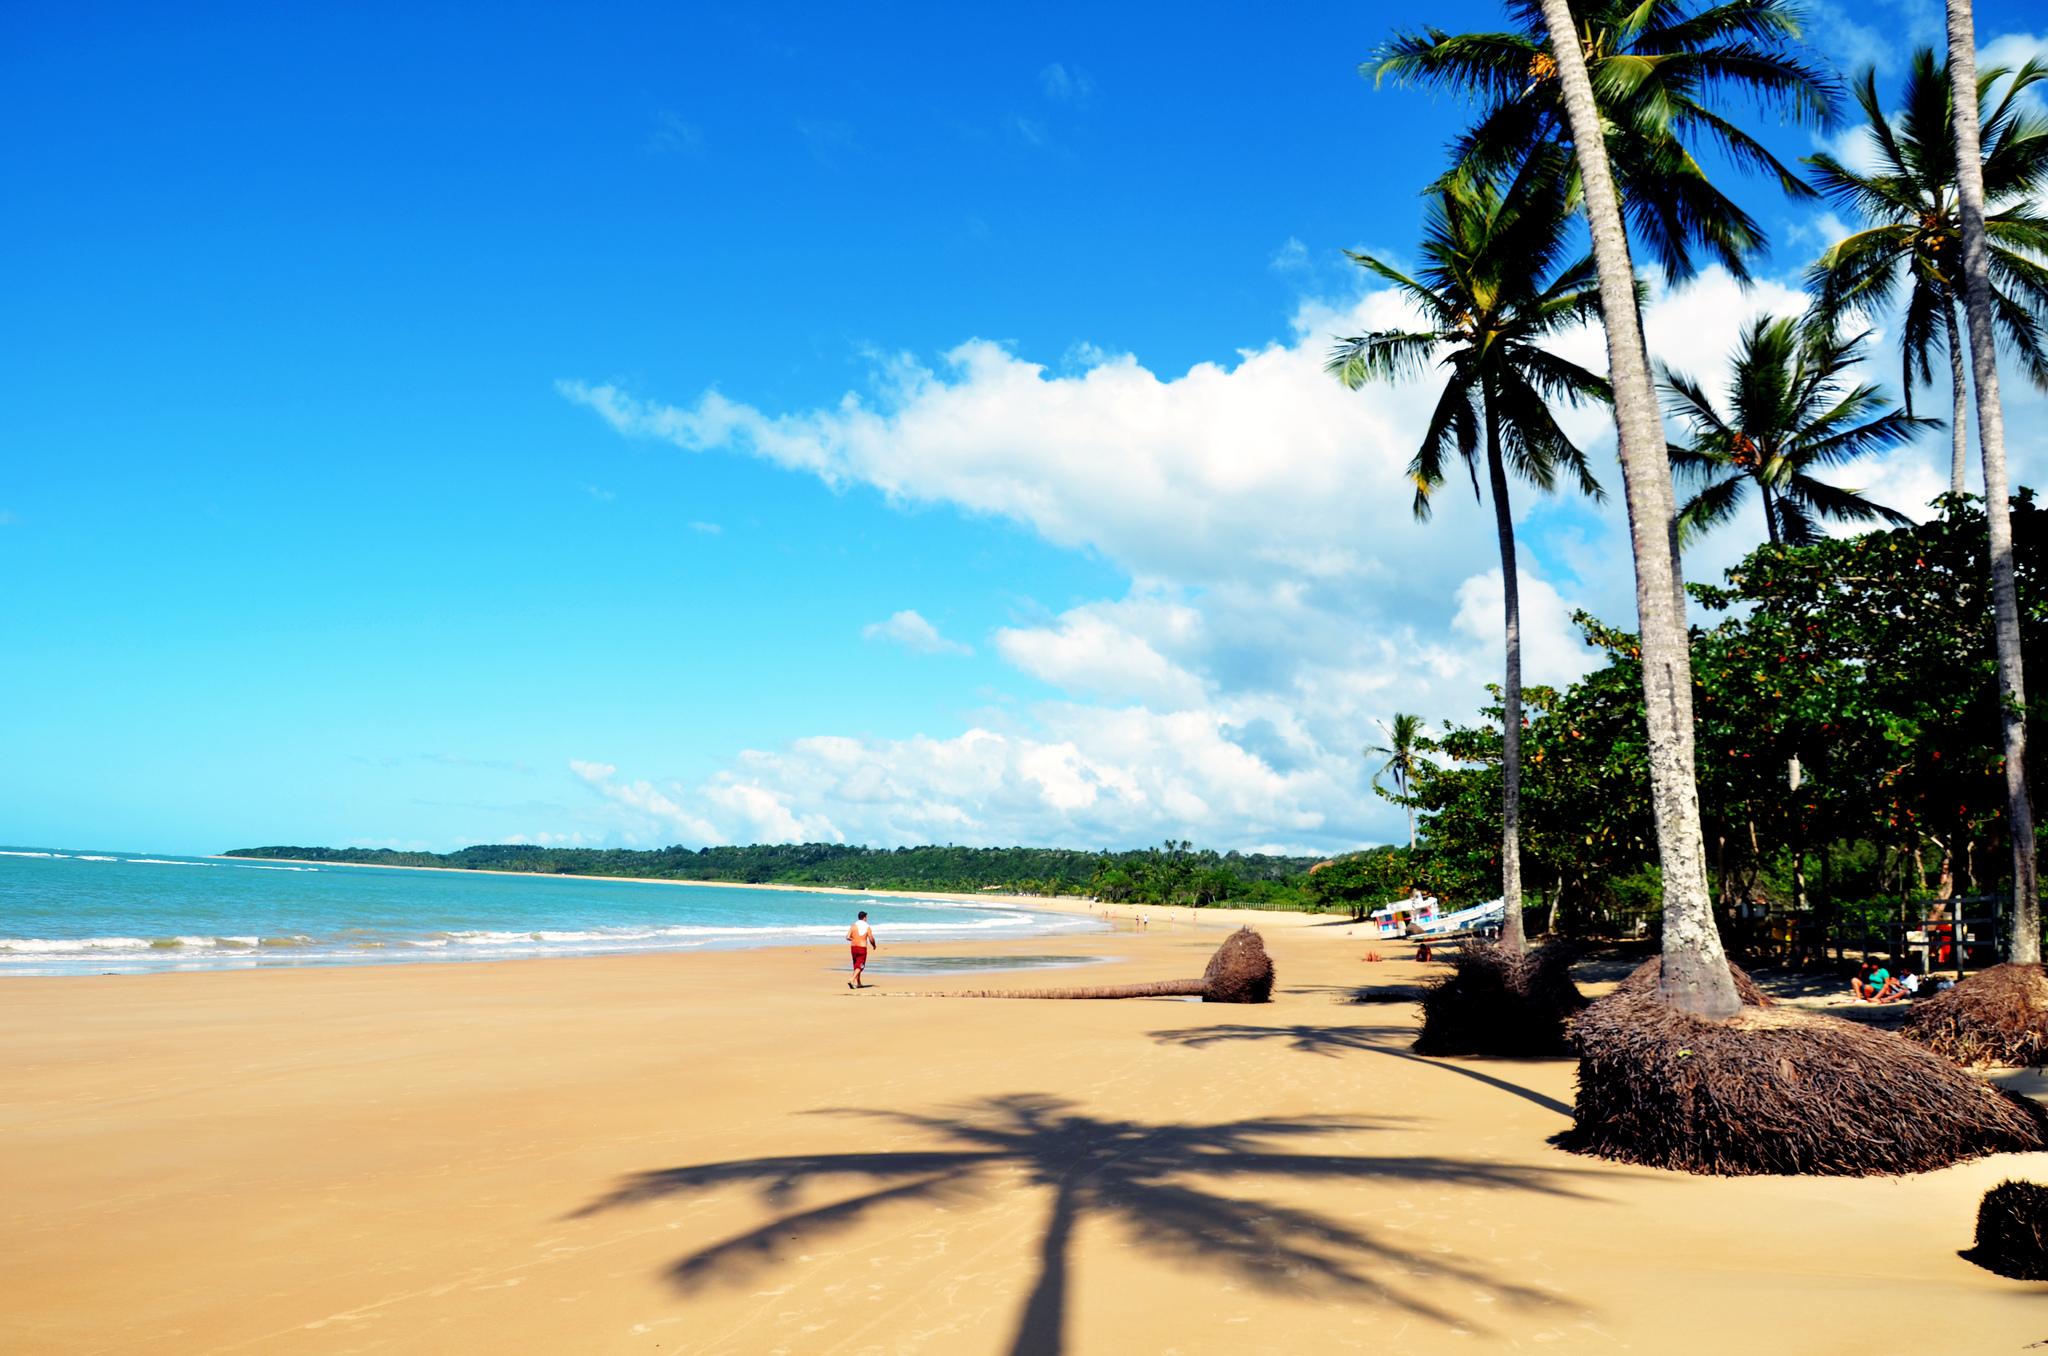 Praia dos Coqueiros, Trancoso, Bahia